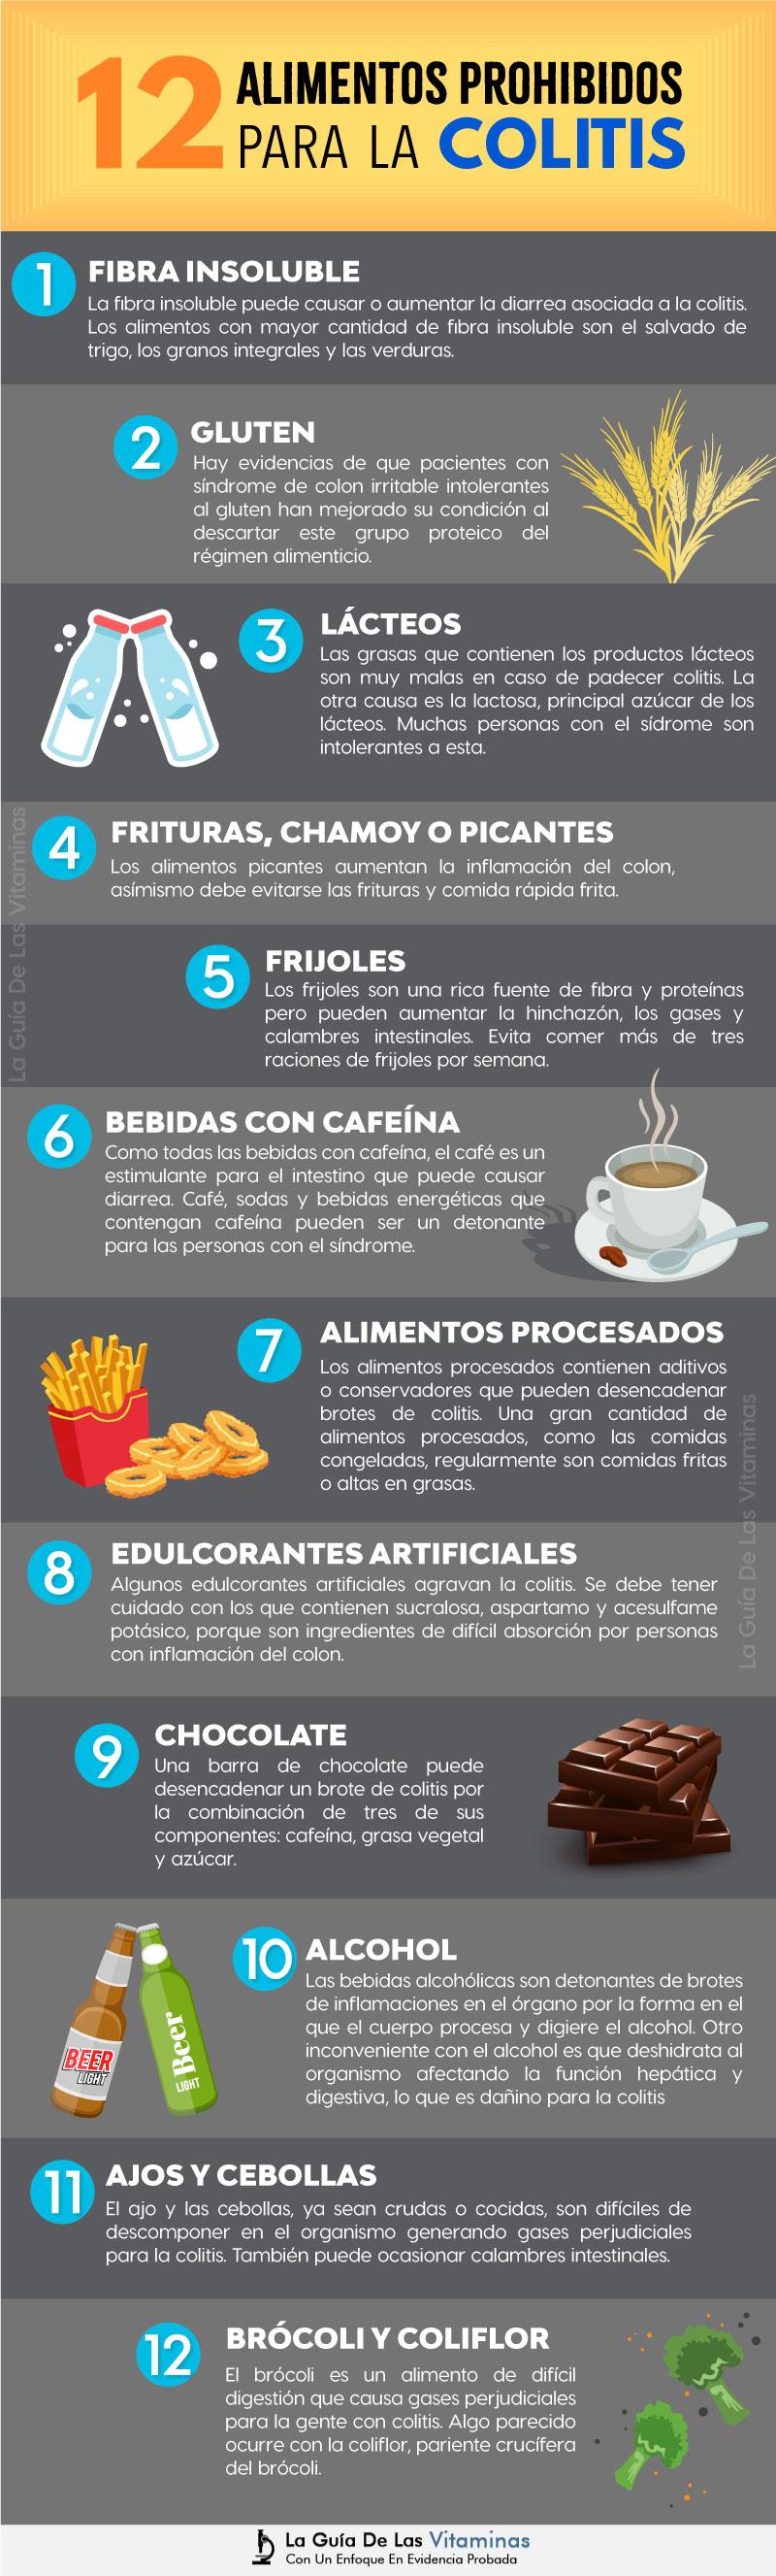 12 Alimentos Prohibidos Para La Colitis Lo Que No Debes Comer La